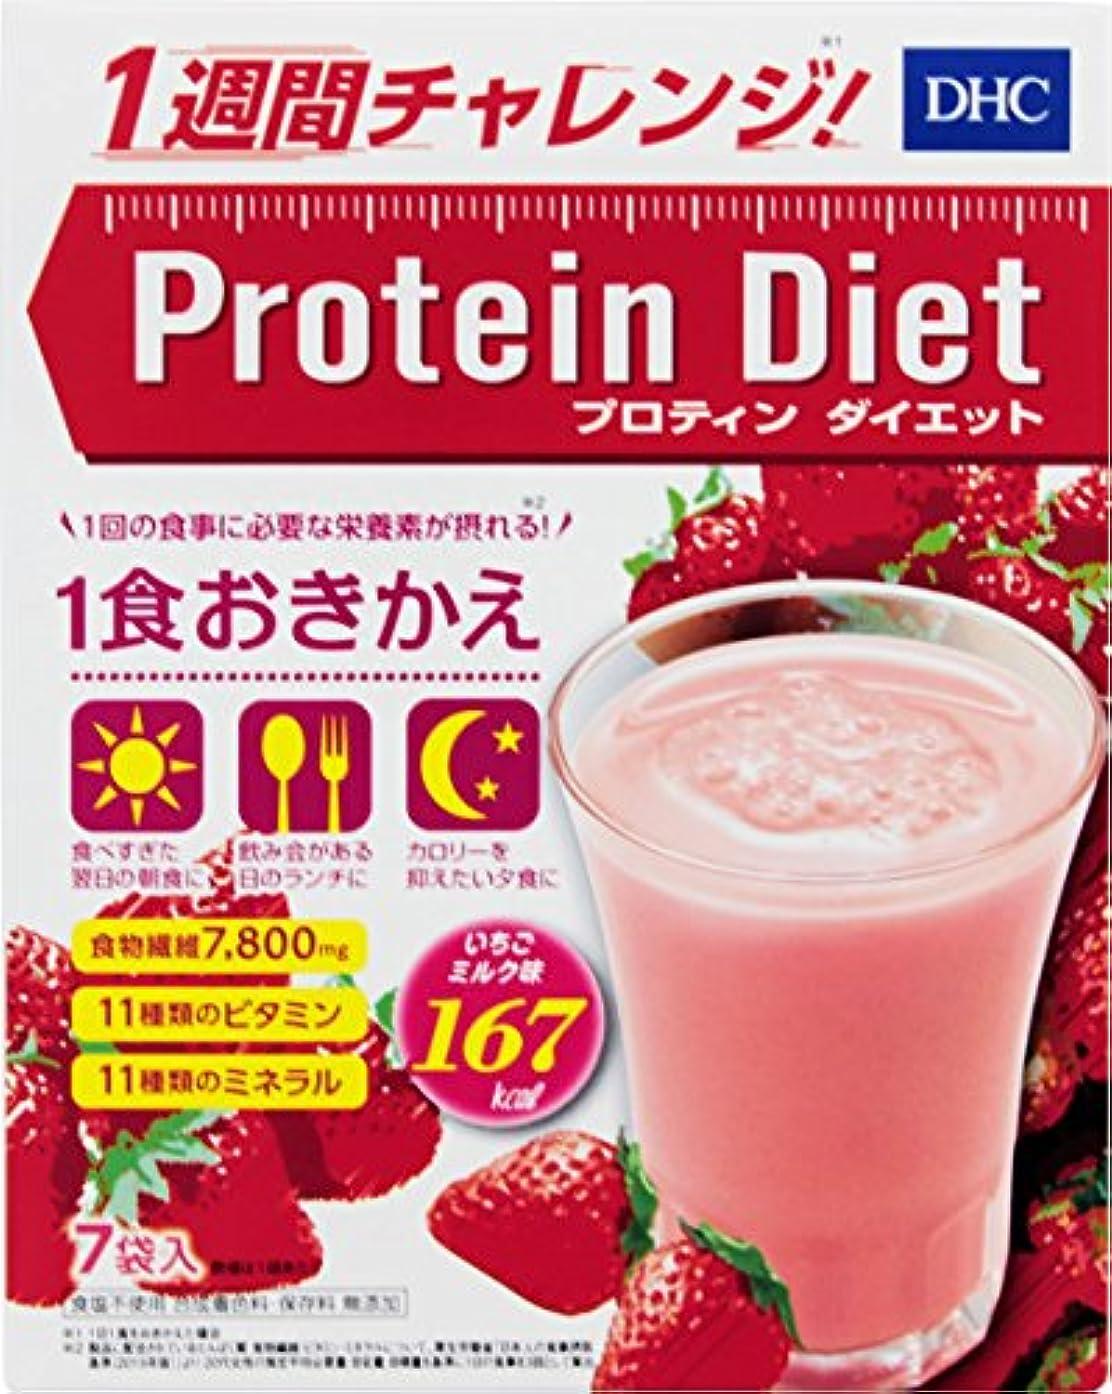 思われる過去直面するDHC プロティンダイエット いちごミルク味 7袋入